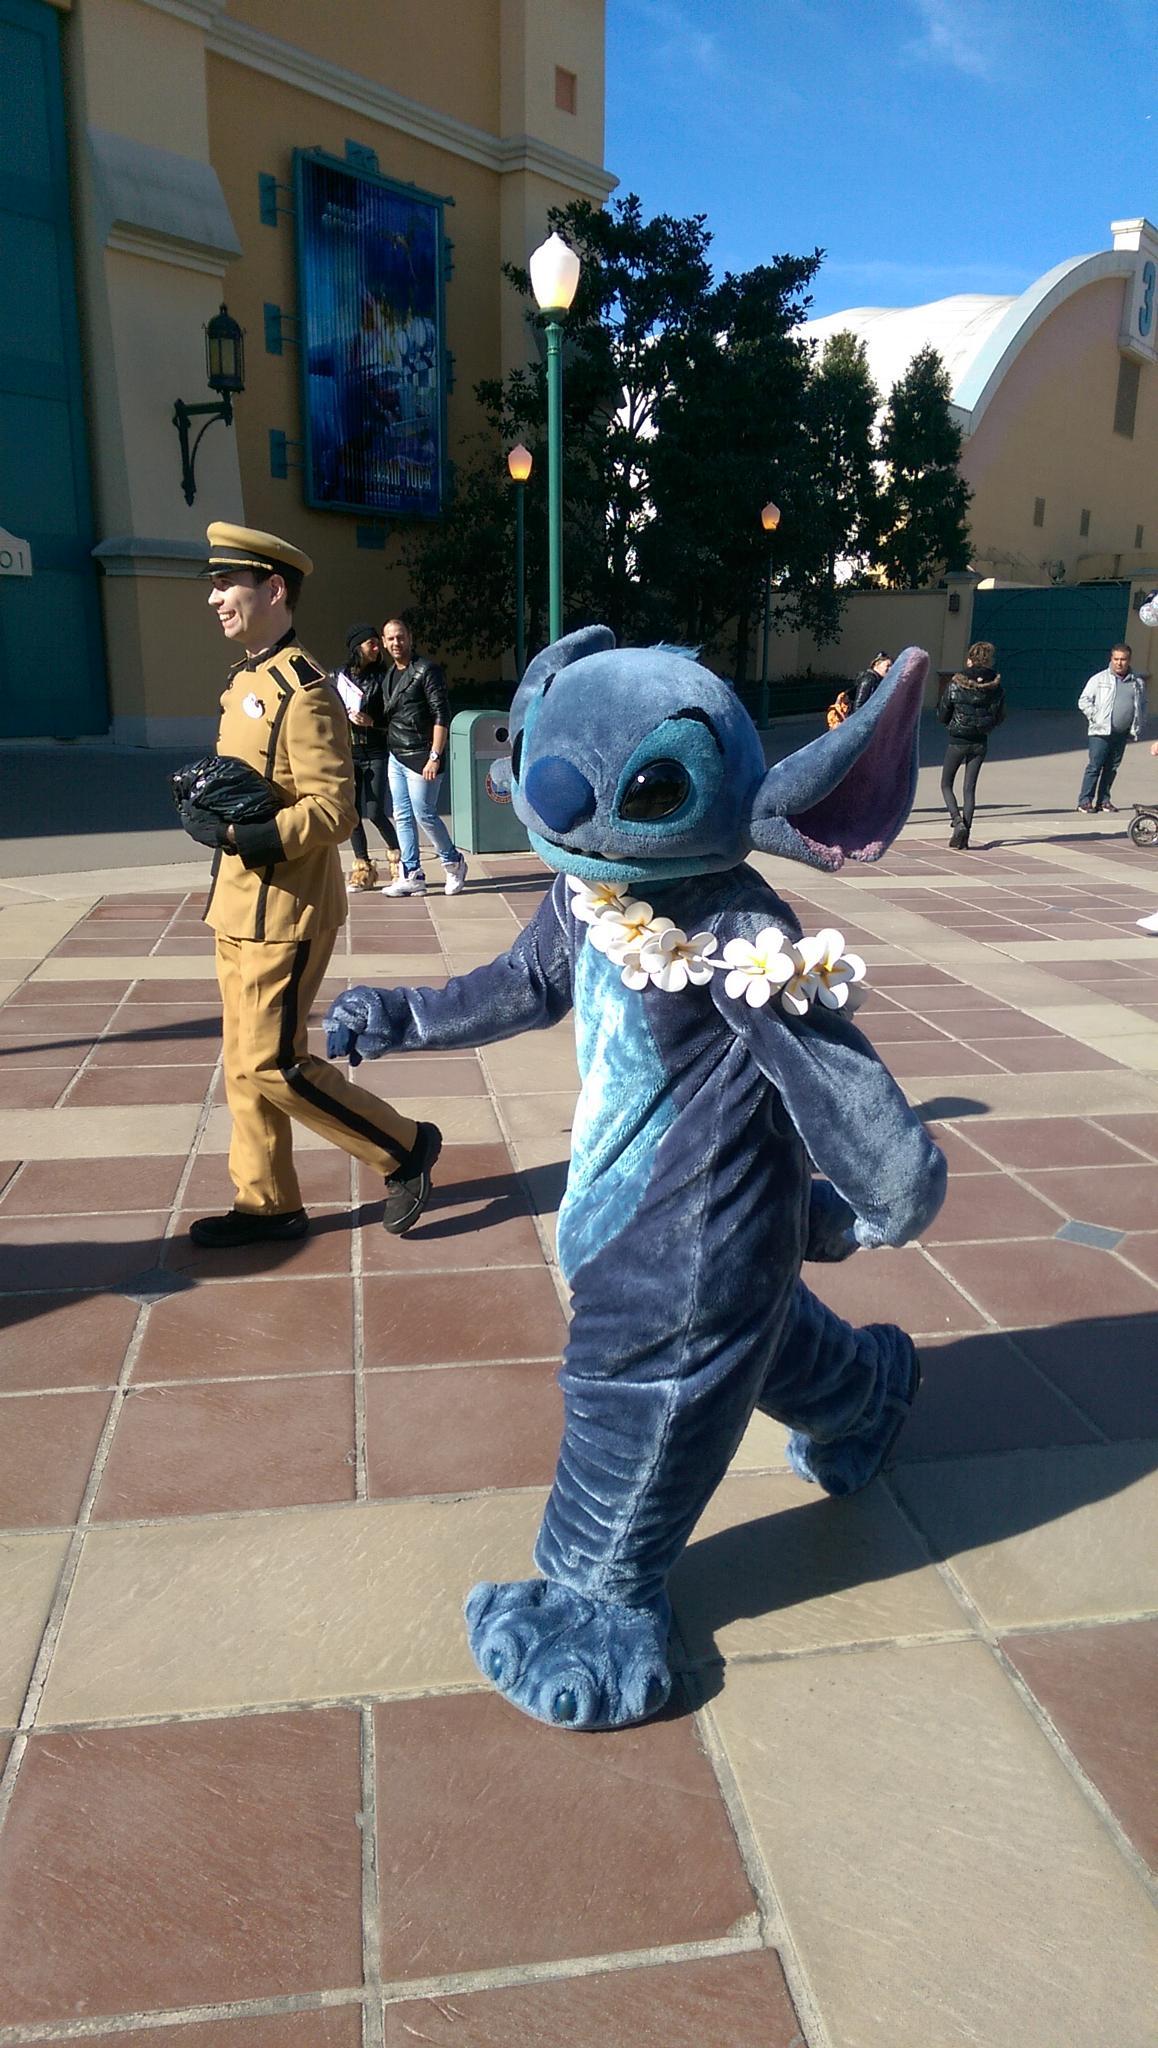 Stitch in Disneyland Paris by Kady H.